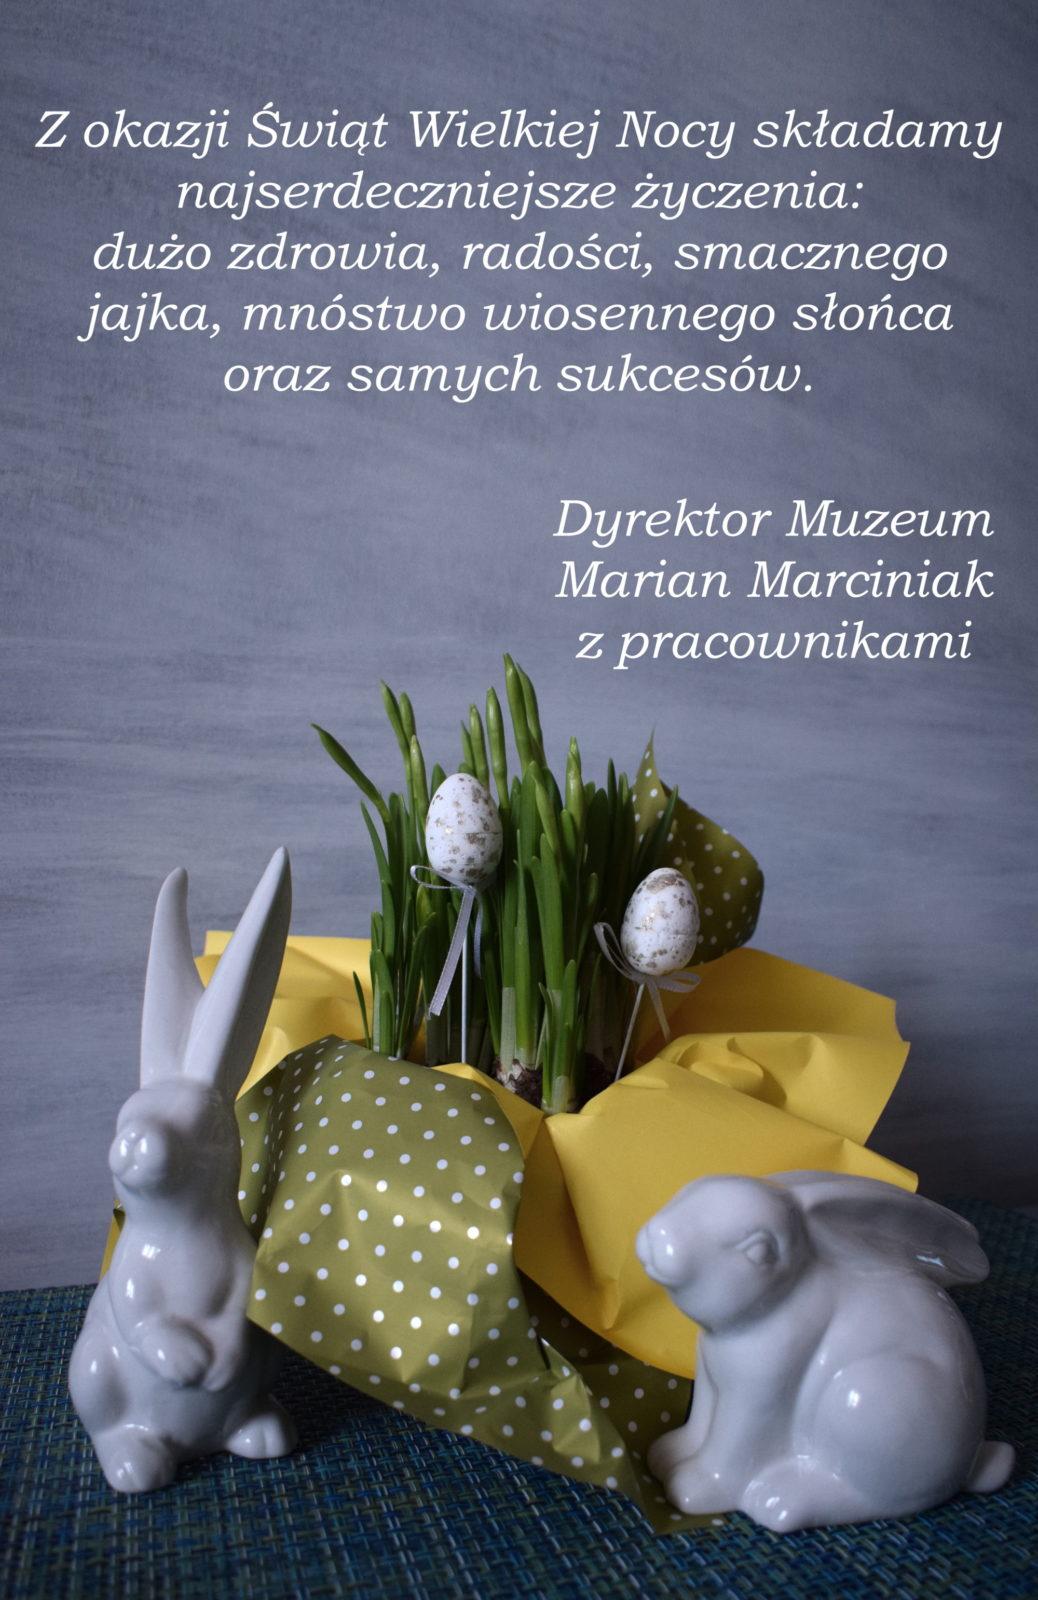 Z okazji Świąt Wielkiej Nocy składamy najserdeczniejsze życzenia: dużo zdrowia, radości, smacznego jajka, mnóstwa słońca oraz samych sukcesów. Dyrektor Muzeum Marian Marciniak z pracownikami.